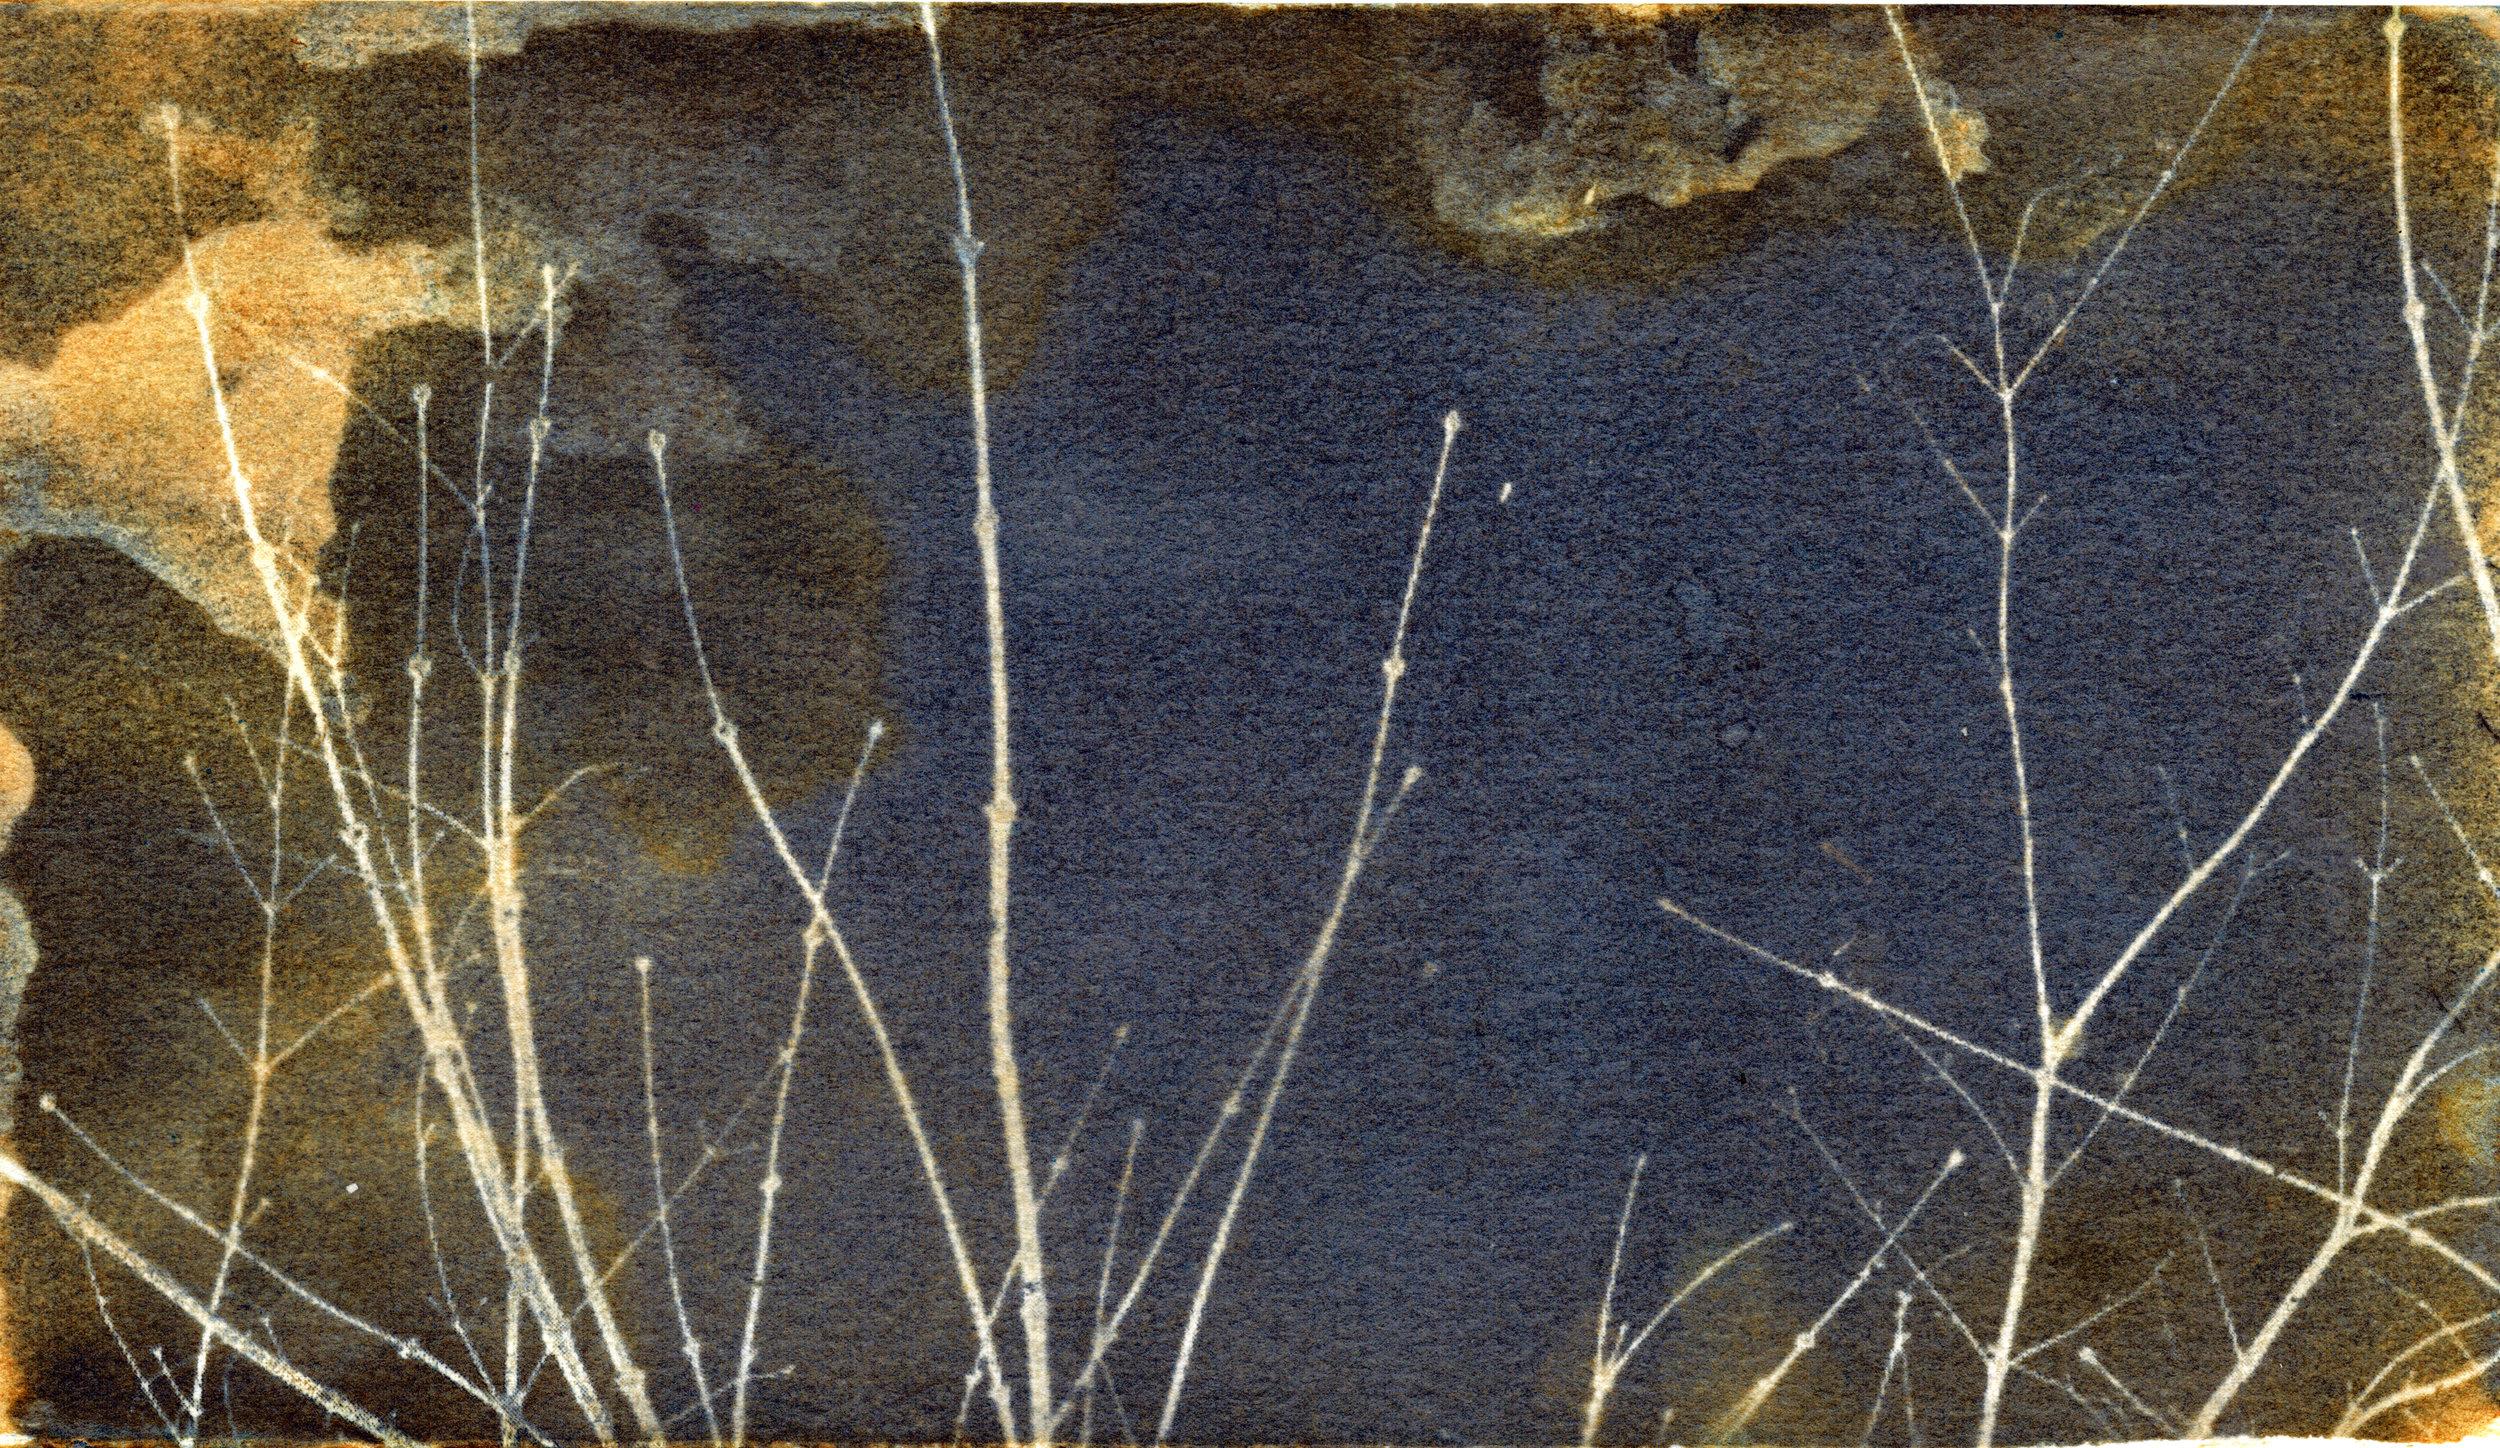 Mottled Twigs